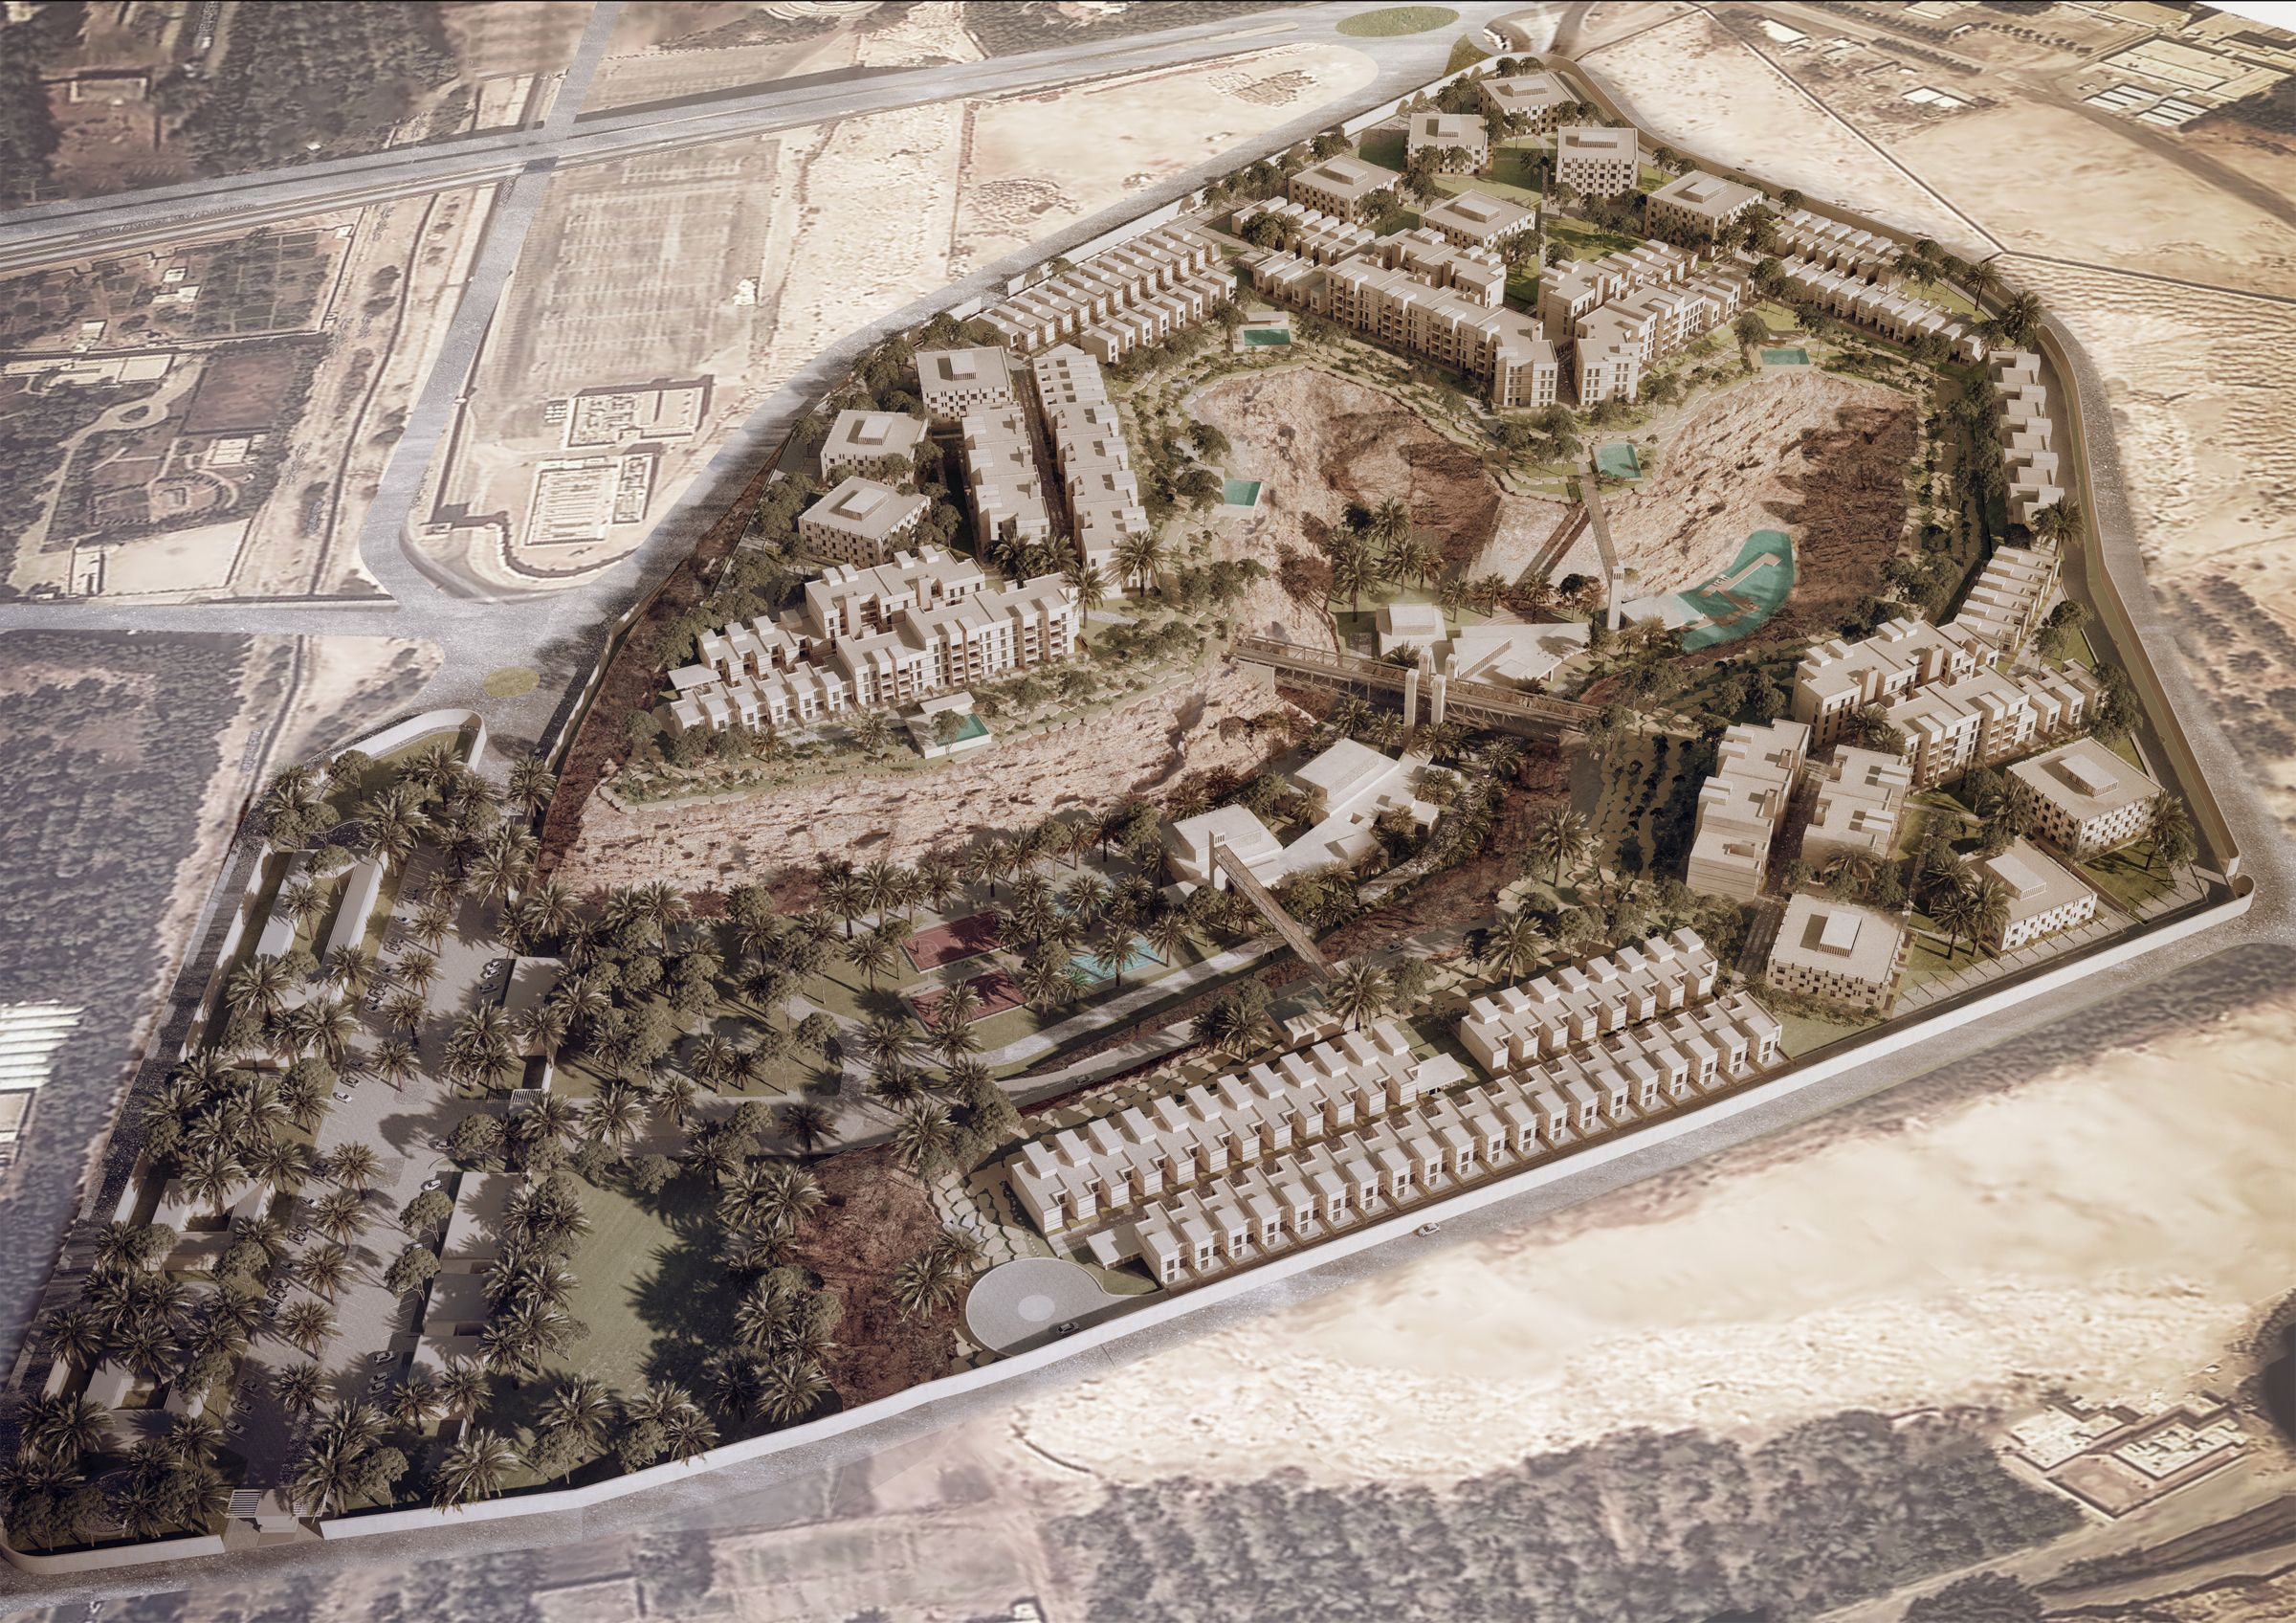 Wadi Al Hada Wadi Hanifa Wadi Al Hada Photo